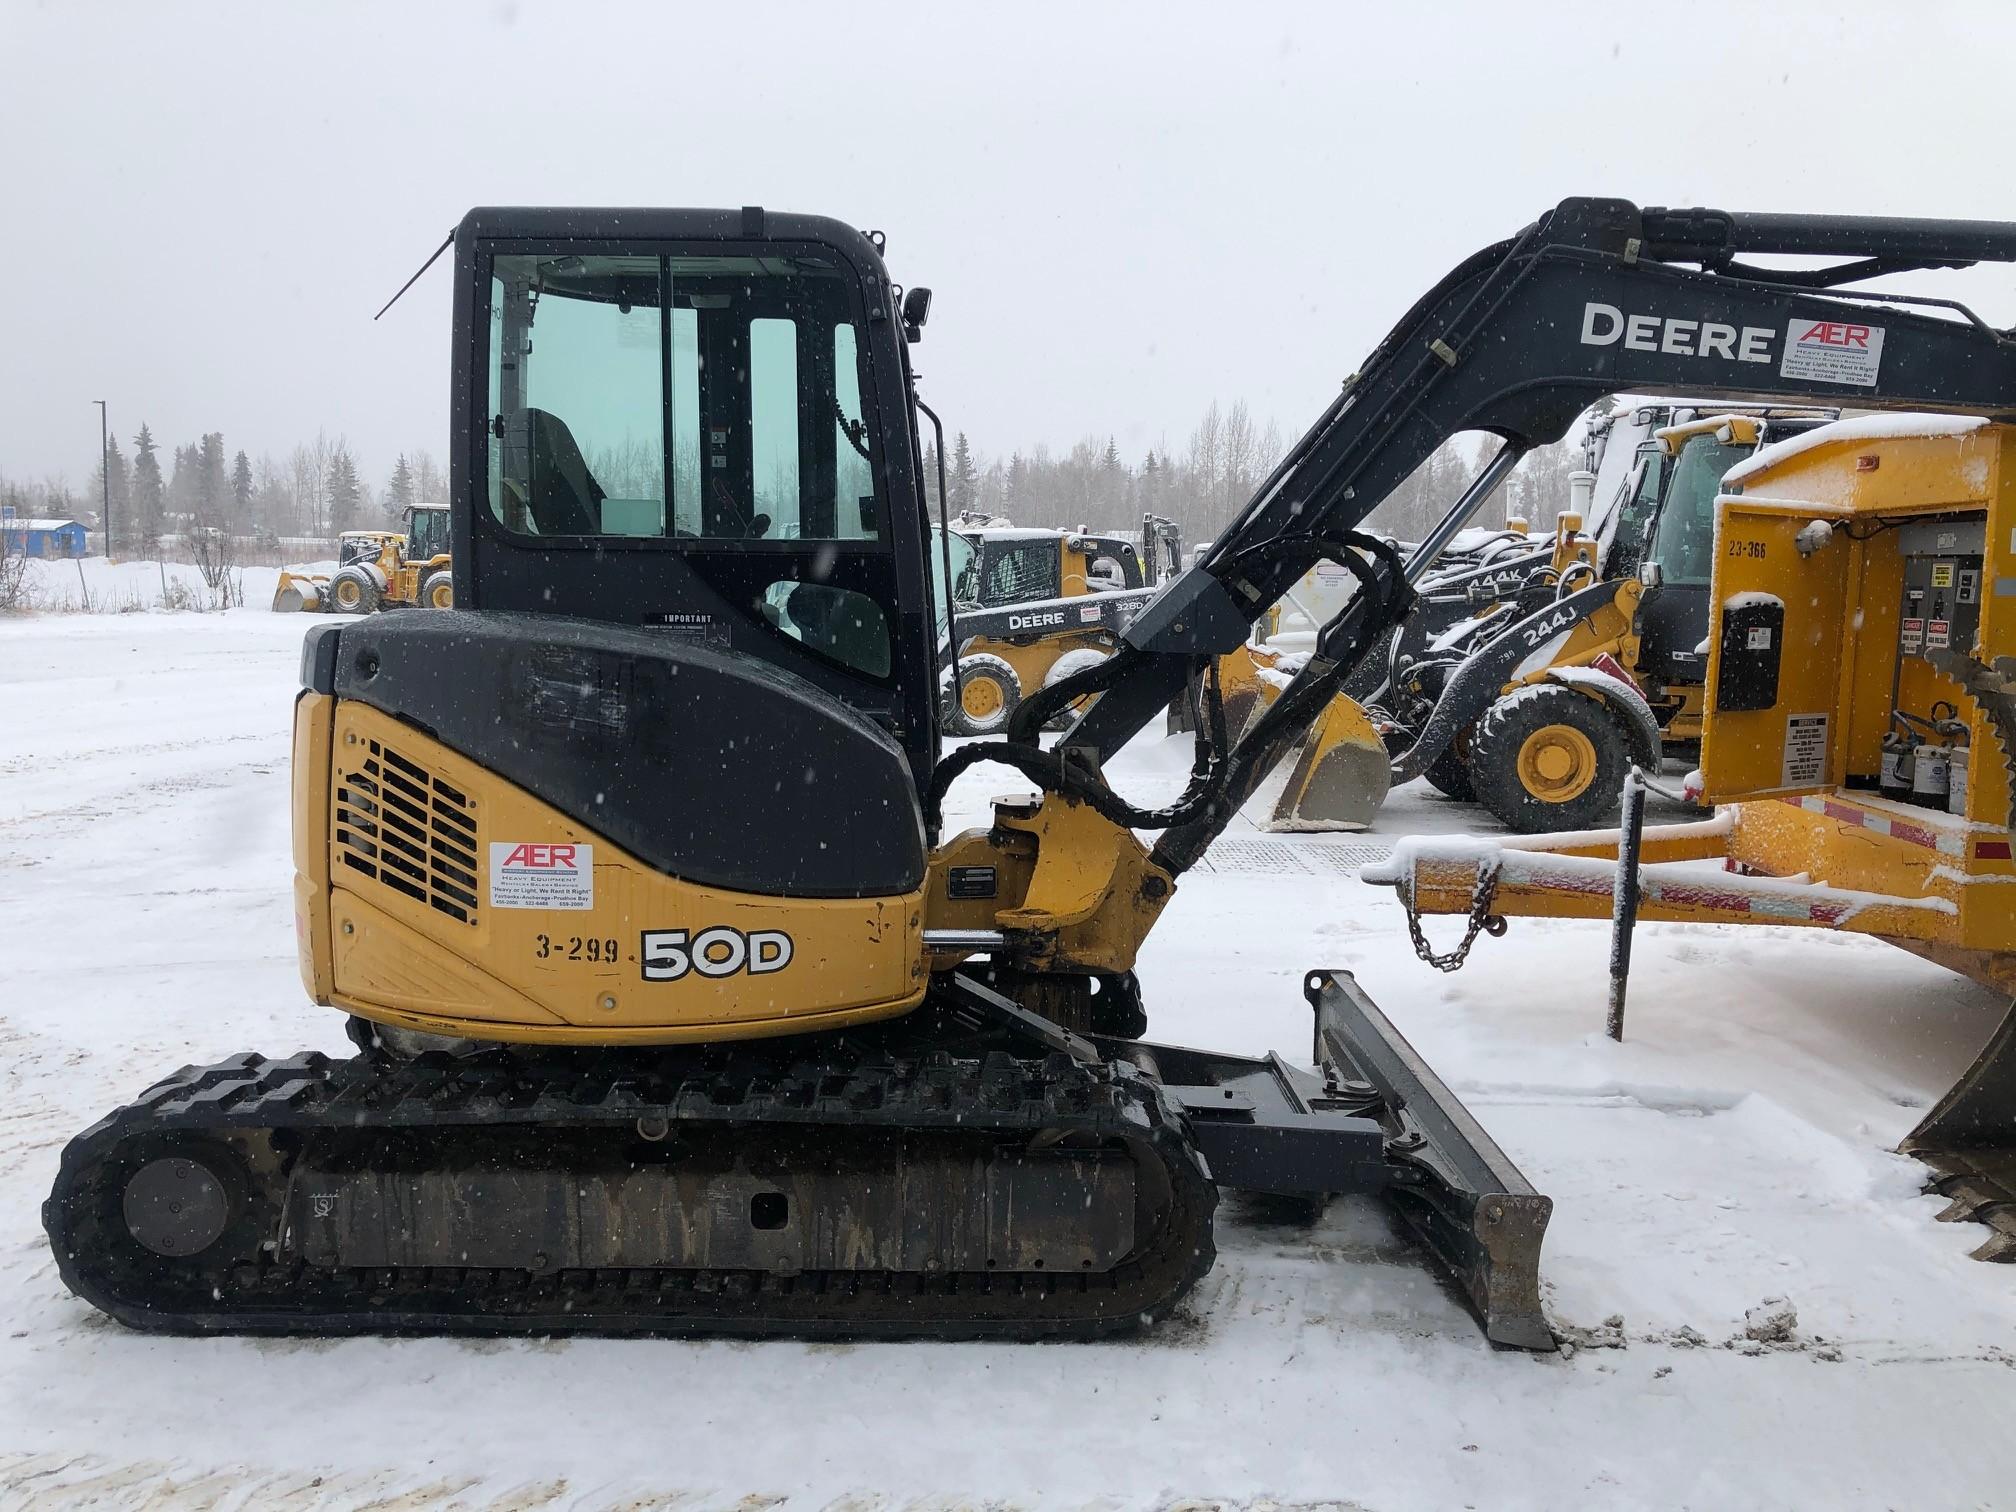 Used, 2010, John Deere Construction, 50D, Excavators